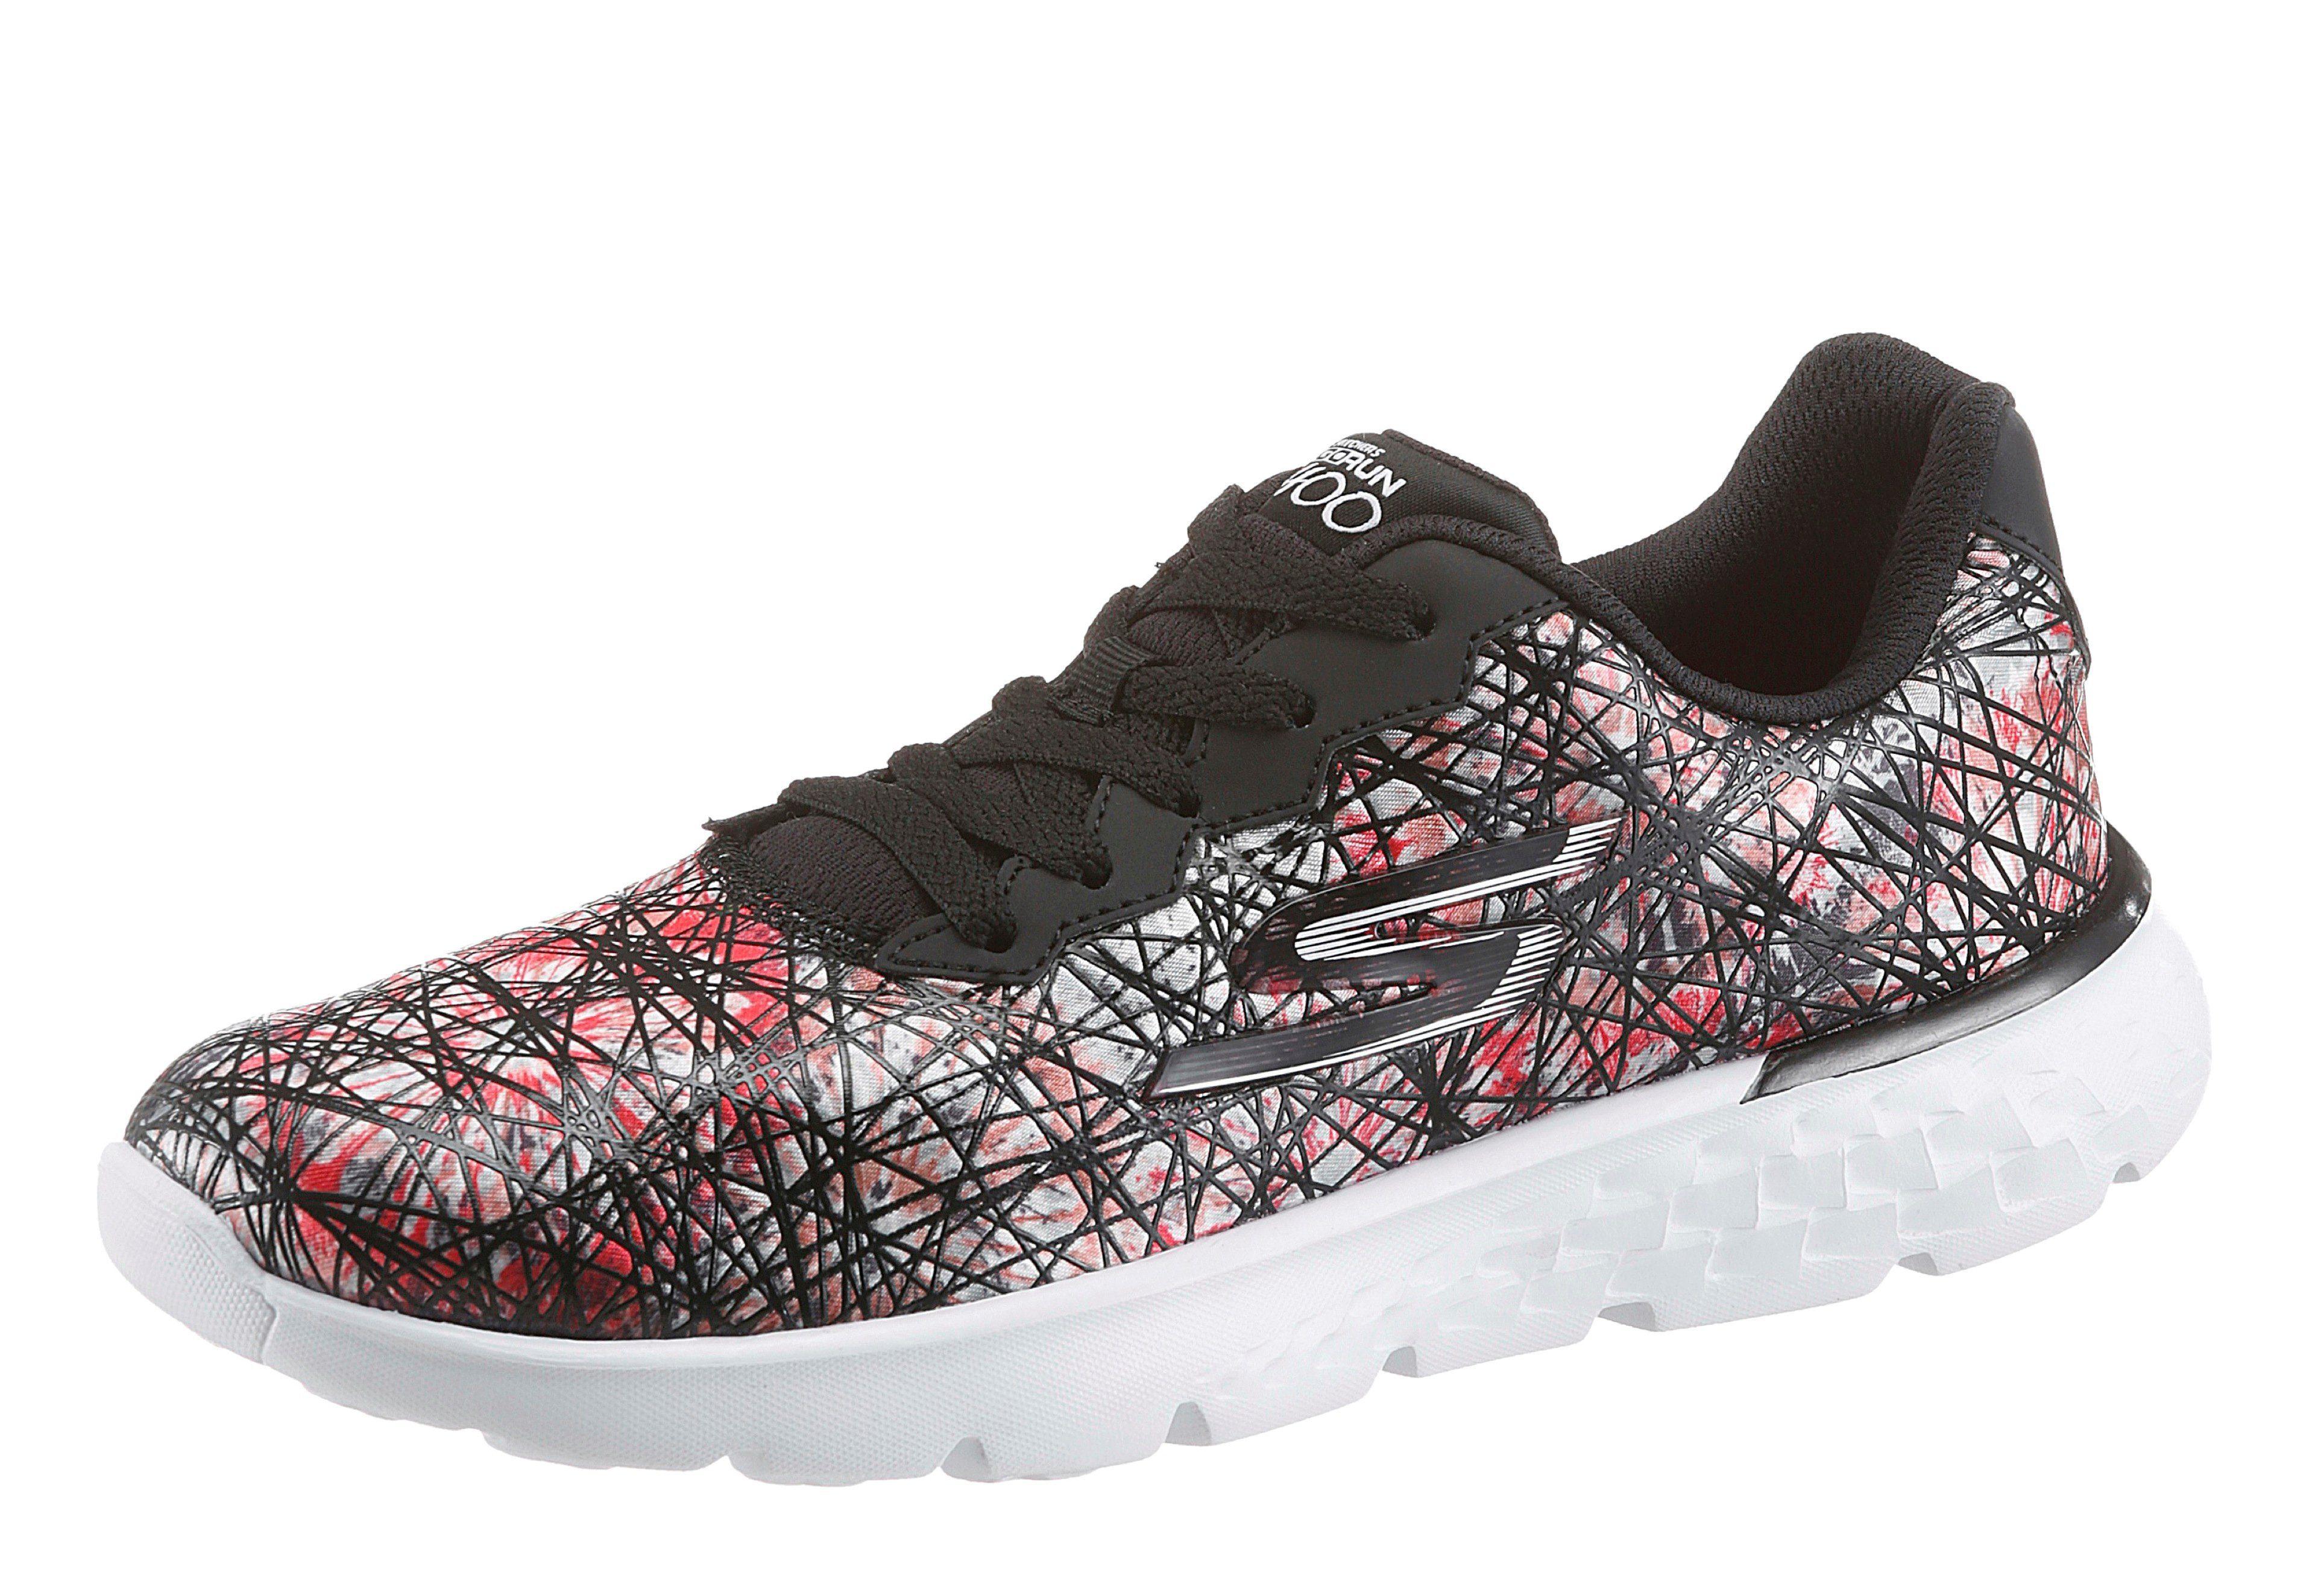 SKECHERS PERFORMANCE Go Run 400-Velocity Sneaker, mit tollem schwarz-multi Muster online kaufen  schwarz-multi tollem 209dbf